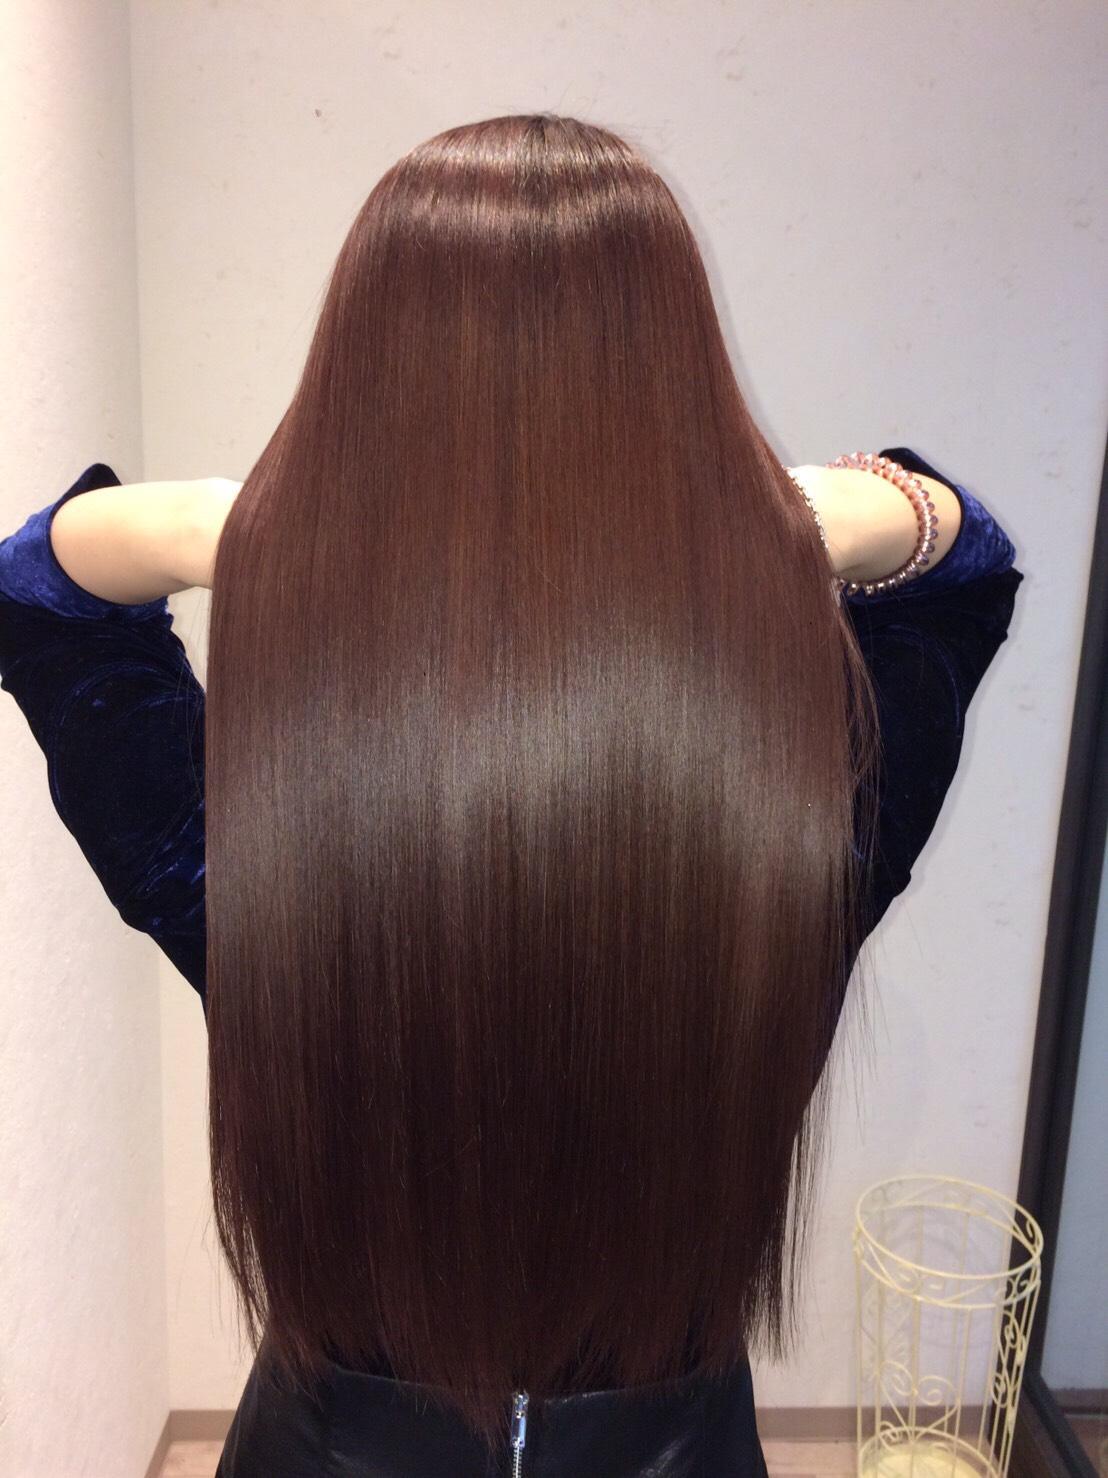 今年中に髪の毛のメンテナンスを!